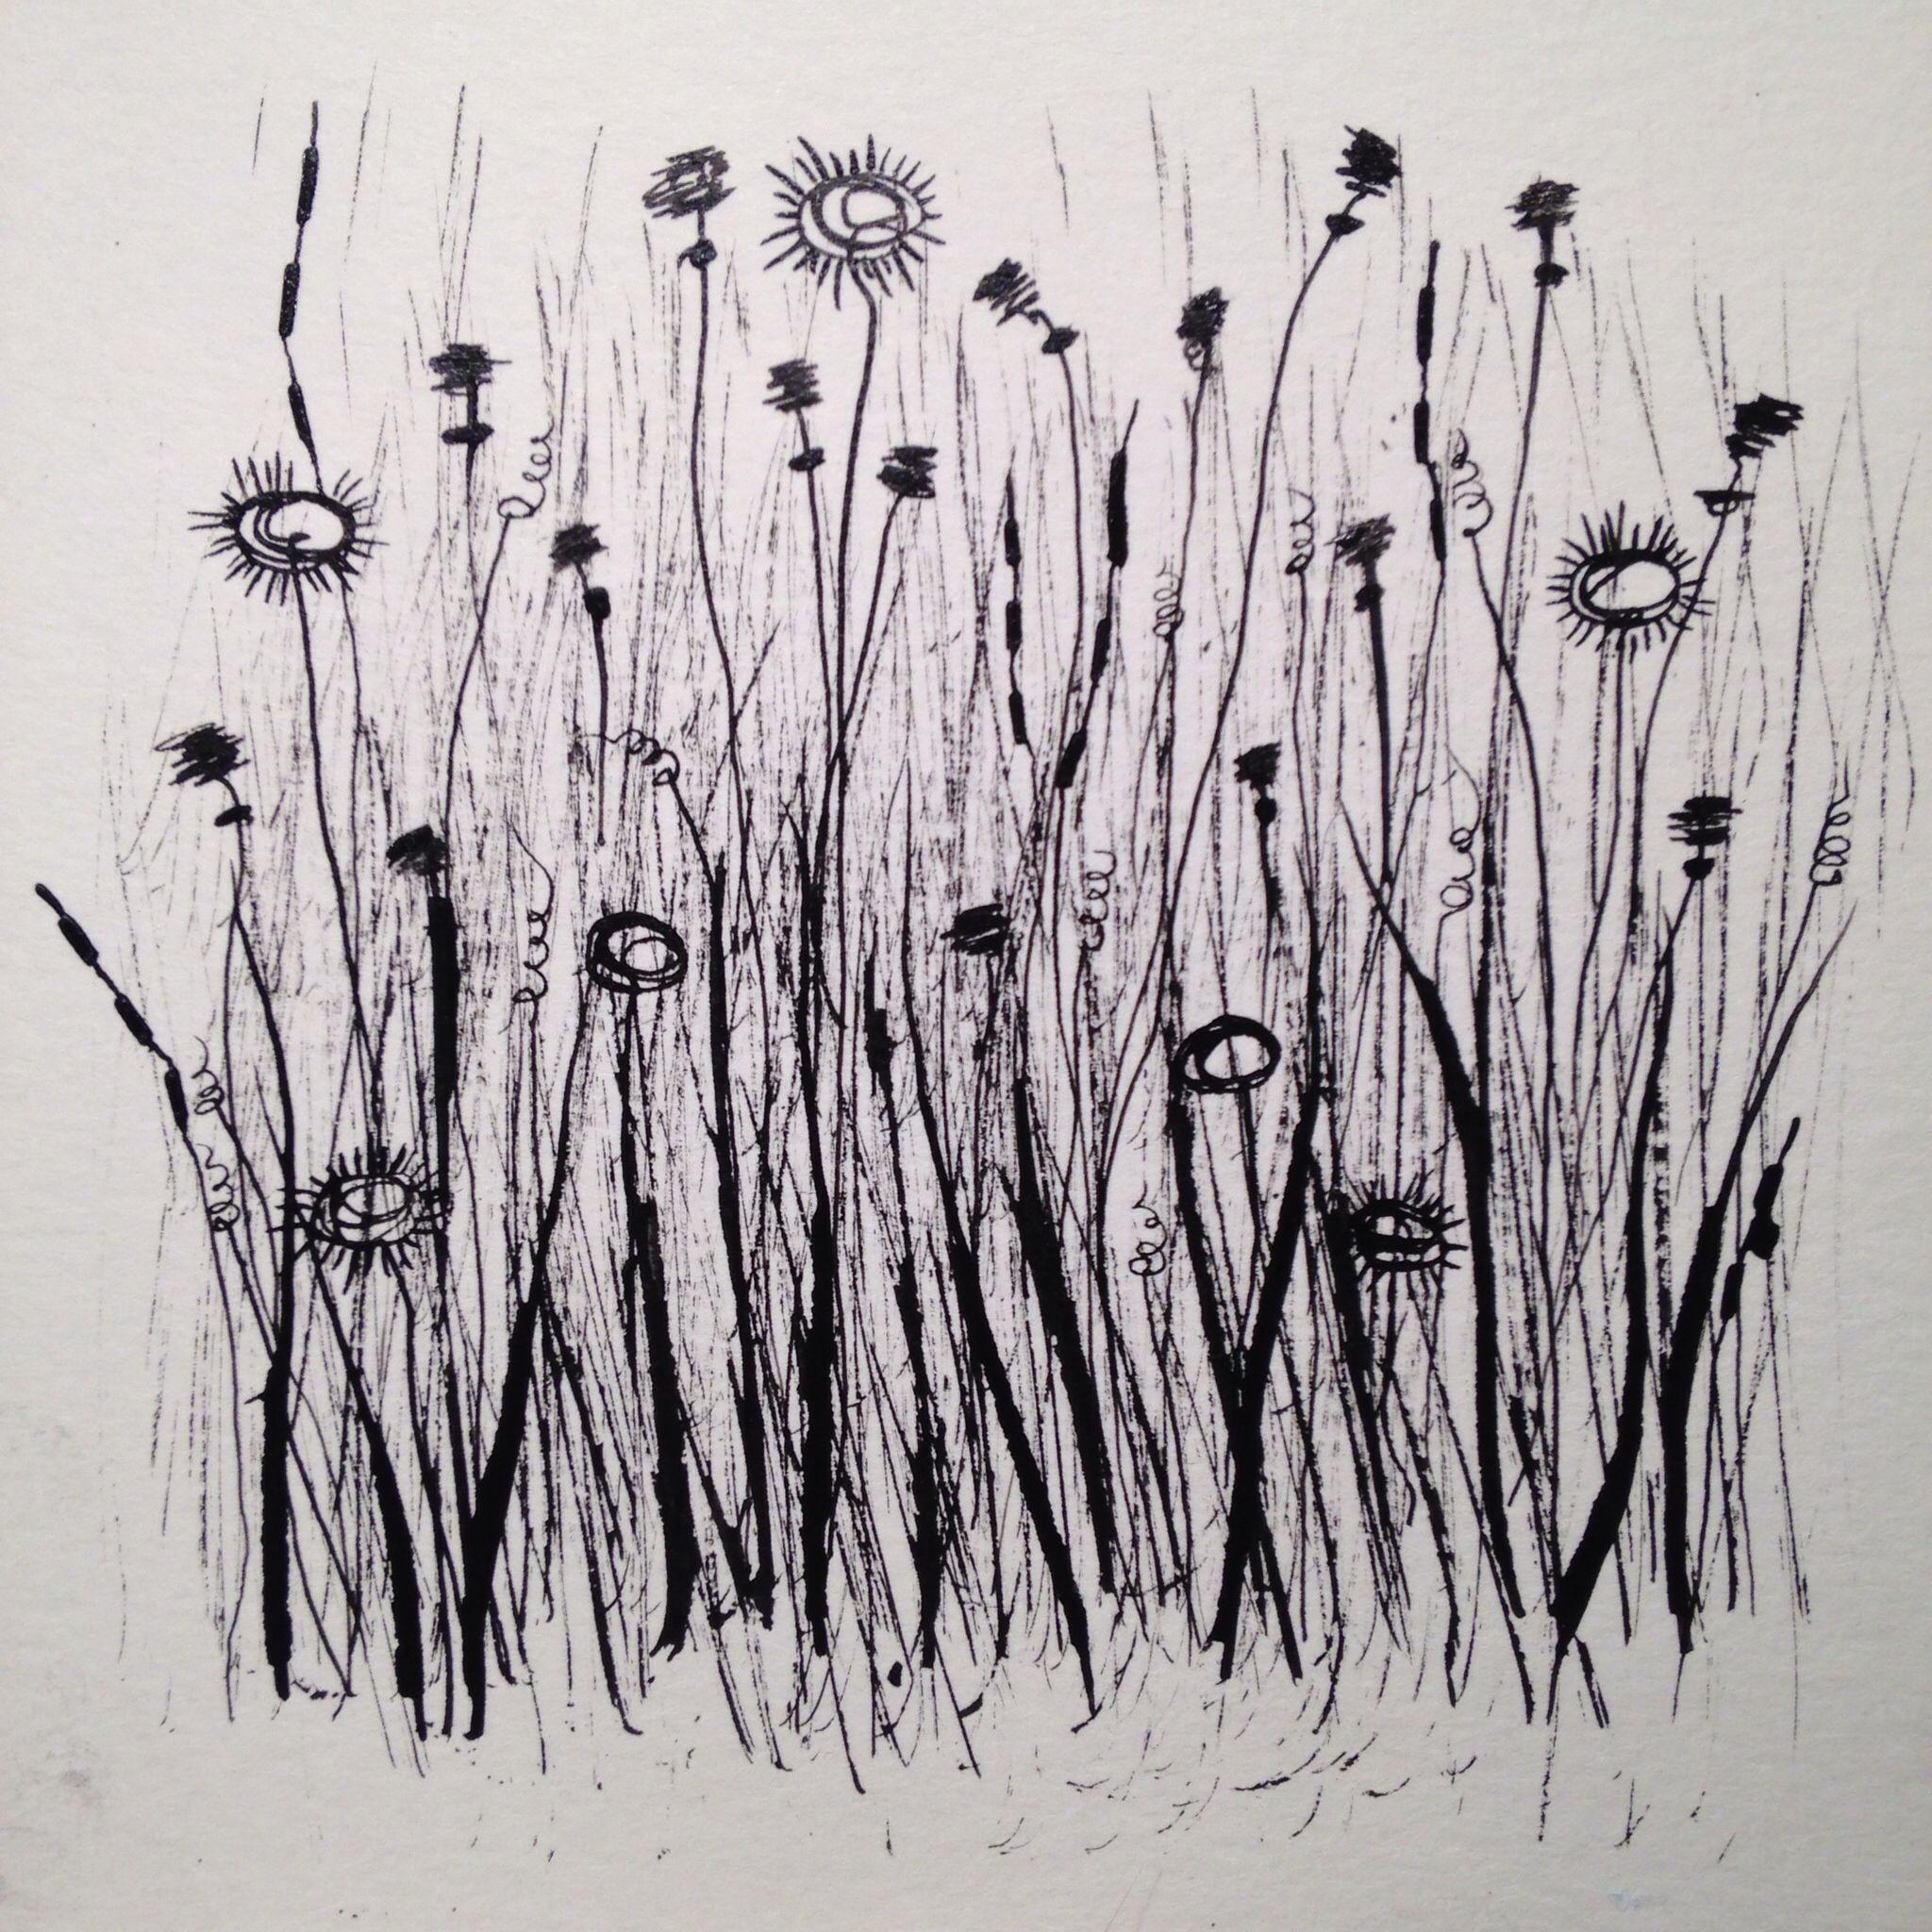 Wildflower field. Ink